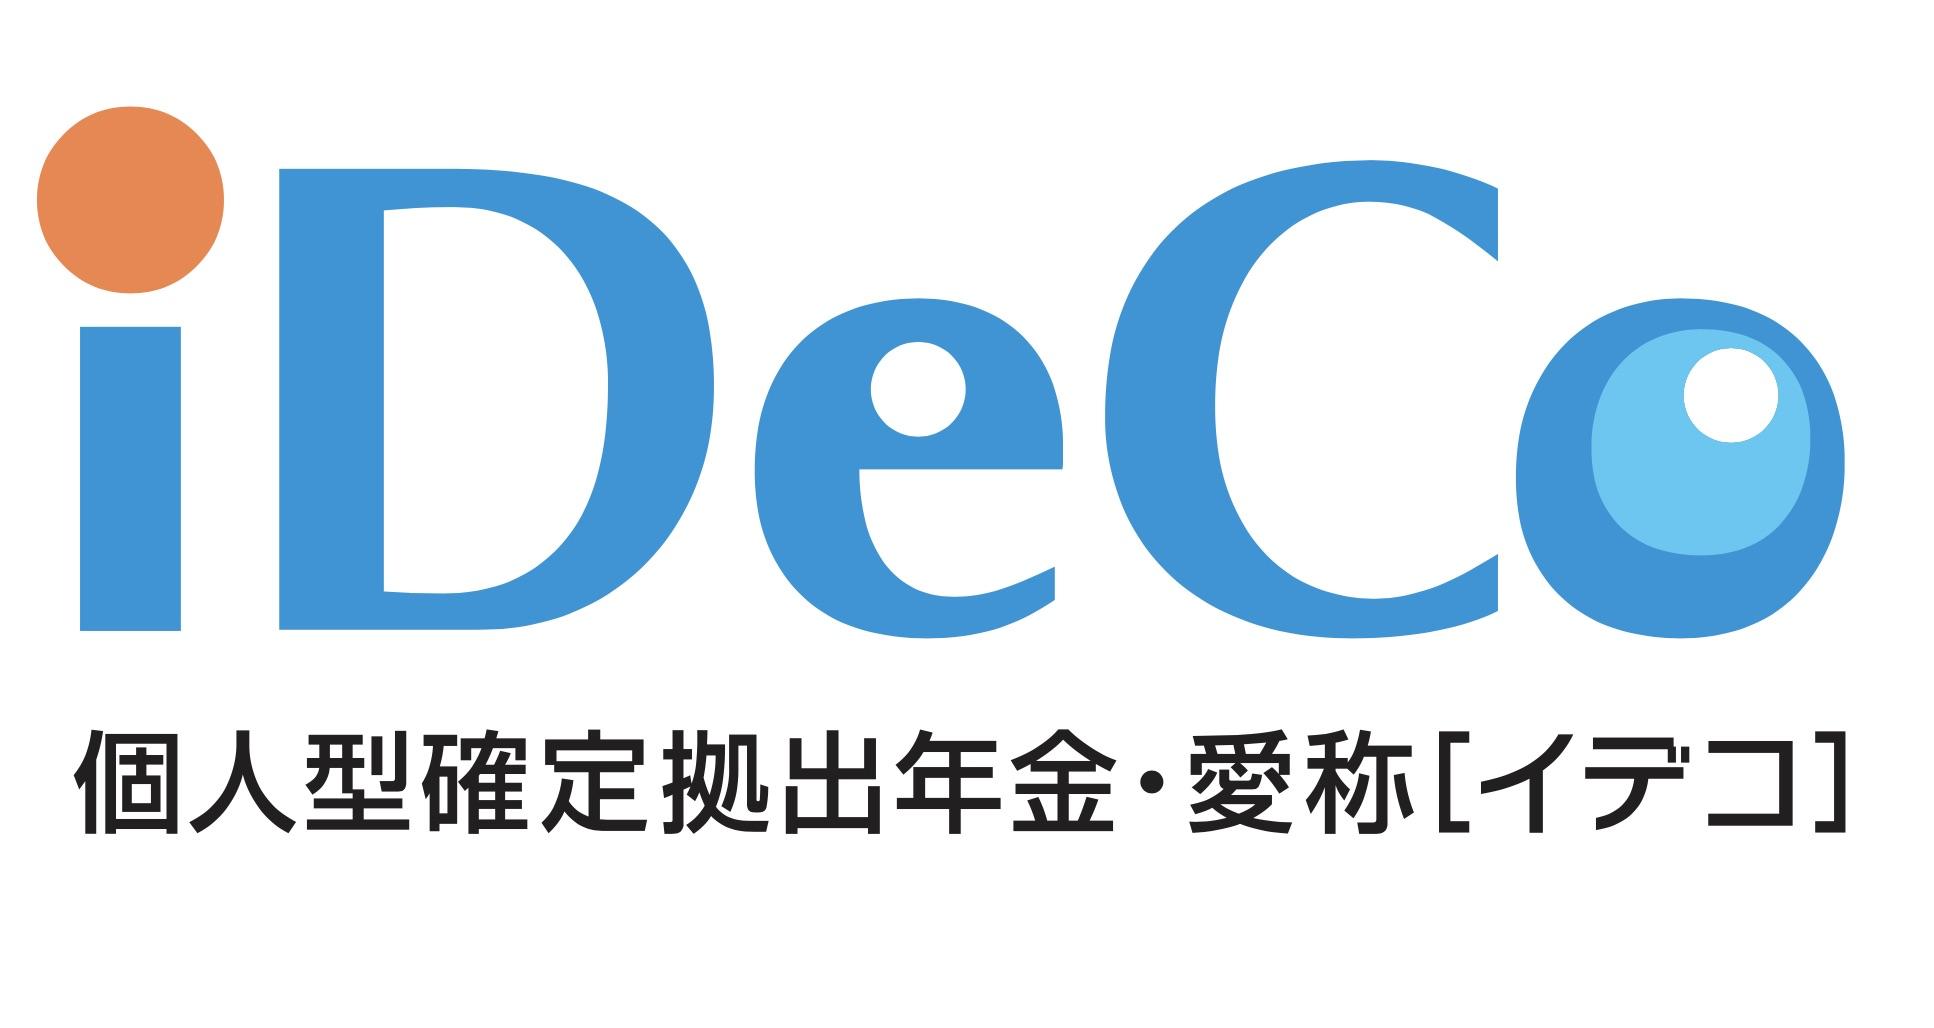 個人型確定拠出年金「iDeCo」のCMに加藤綾子さん登場。